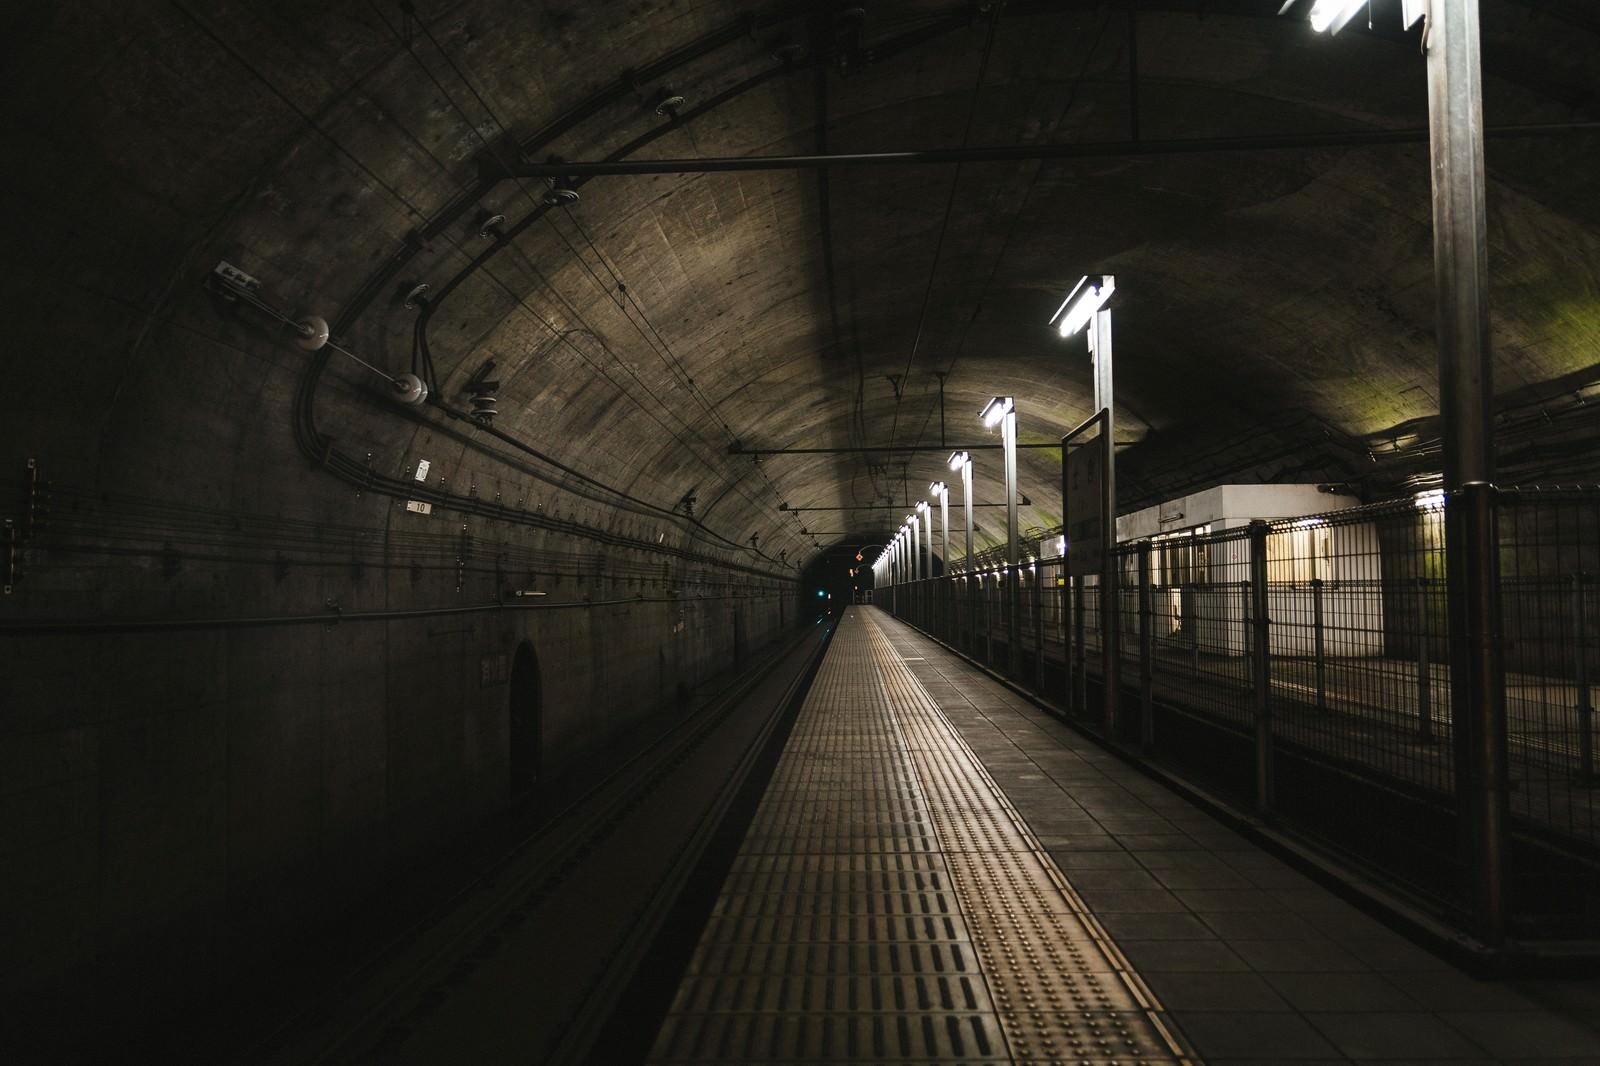 「薄暗い土合駅地下ホーム薄暗い土合駅地下ホーム」のフリー写真素材を拡大